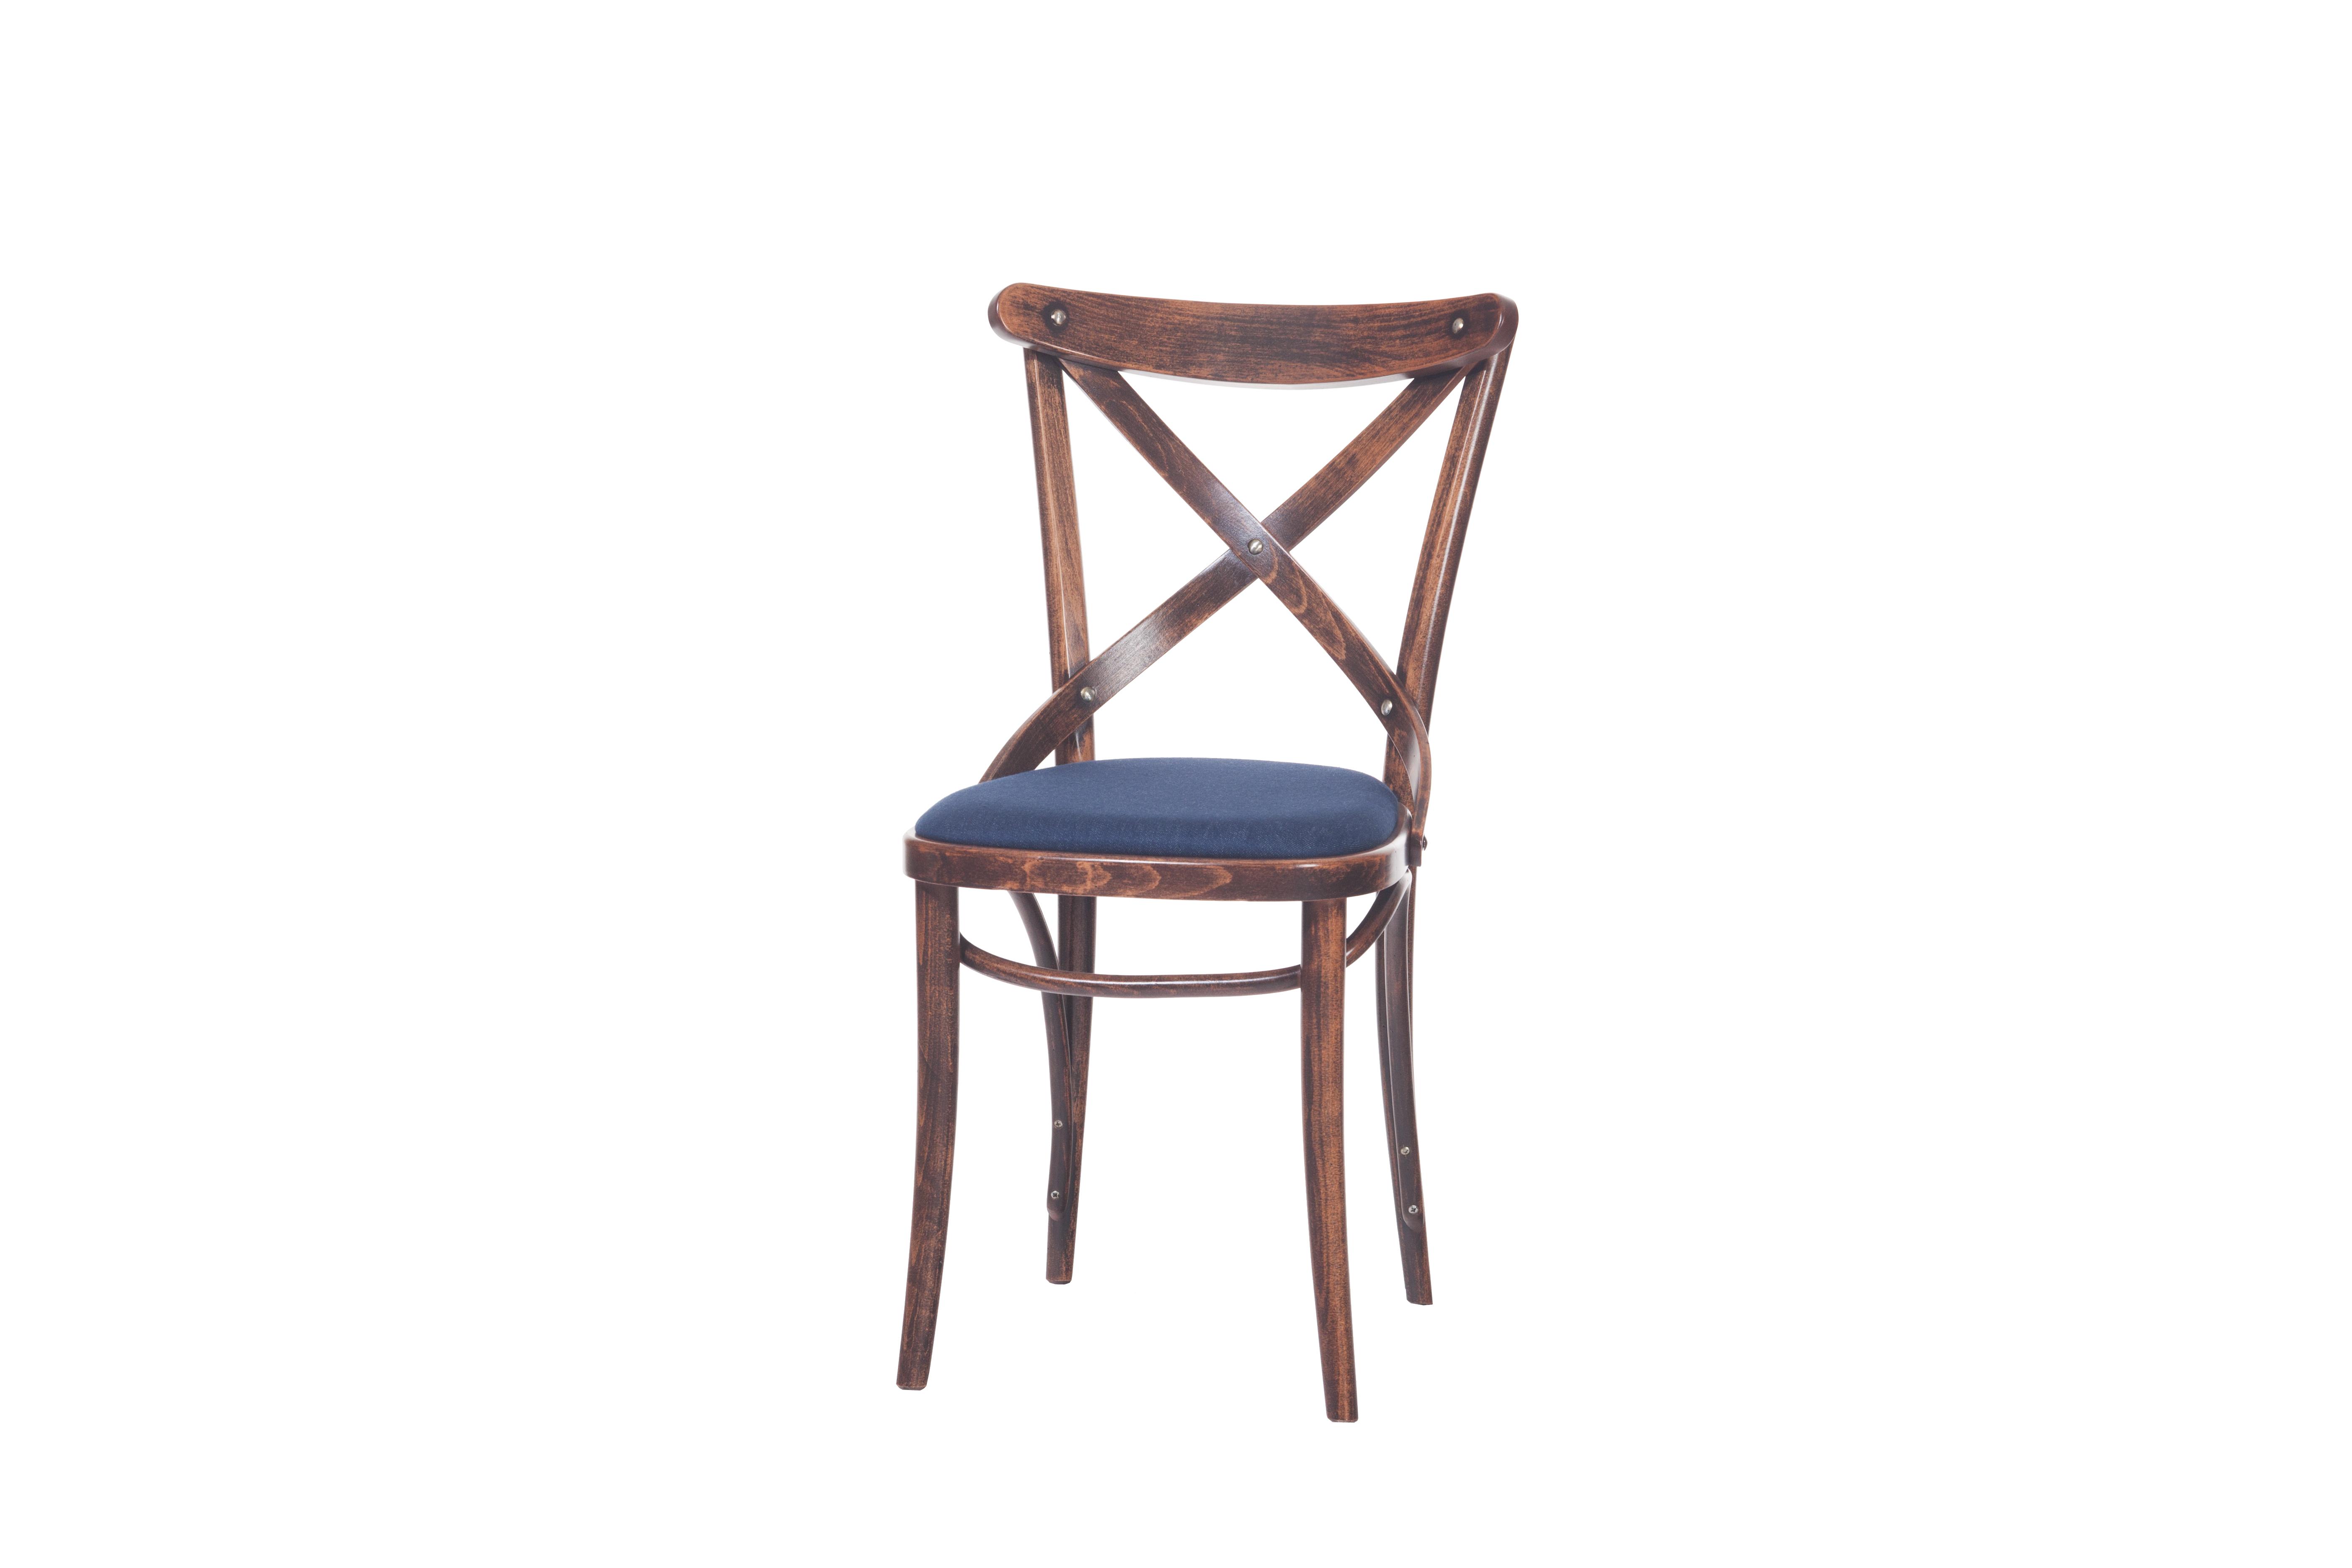 Scaun din lemn de fag tapitat cu piele 150 Brown l45xA51xH845 cm